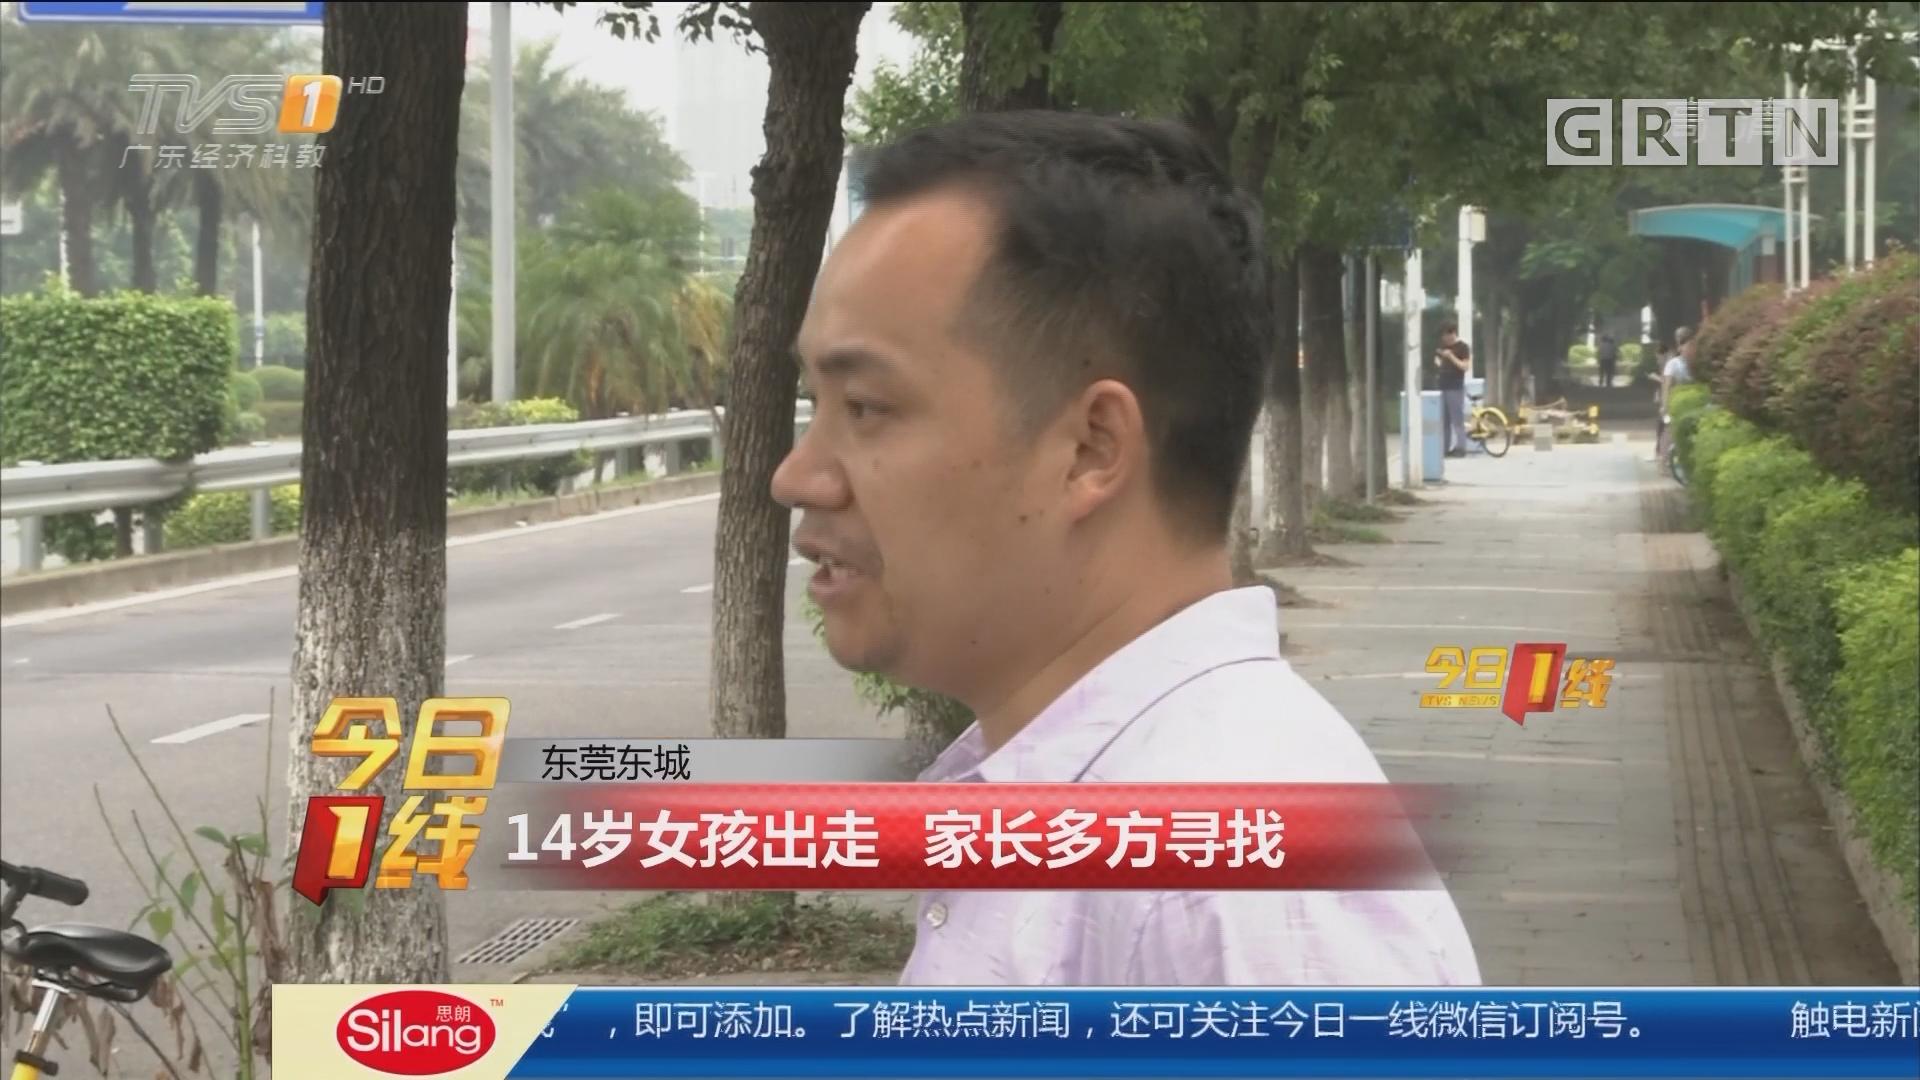 东莞东城:14岁女孩出走 家长多方寻找